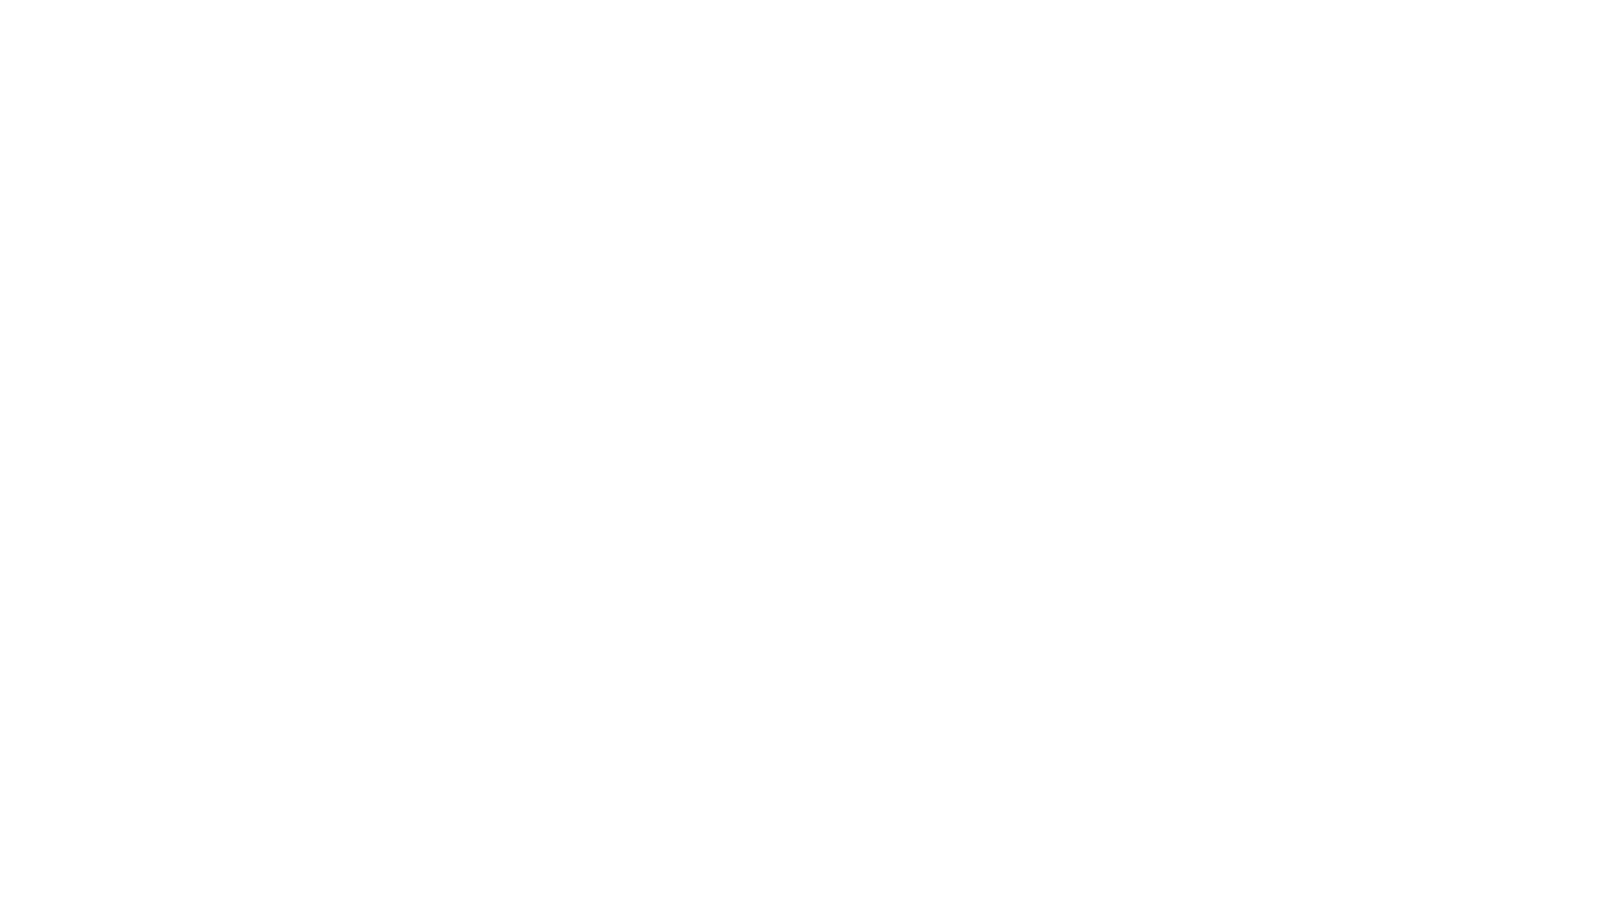 Vidéo du tournoi Guilty Gear -Strive- que nous avons organisé ans le cadre du Festival Manga à Peymeinade le 10/10/2021. Tournoi remporté par John Bojack [BH3] devant Tempest [TotG] et Niklaus [TotG]. Desdichado prenant la 4ème place.0:00 Intro 0:19 Finale Winners Bracket : John Bojack VS Tempest 8:39 Demi-Finale Losers Bracket : Niklaus VS Desdichado 17:45 Finale Losers Bracket : Tempest VS Niklaus26:46 Grande Finale : John Bojack VS Tempest